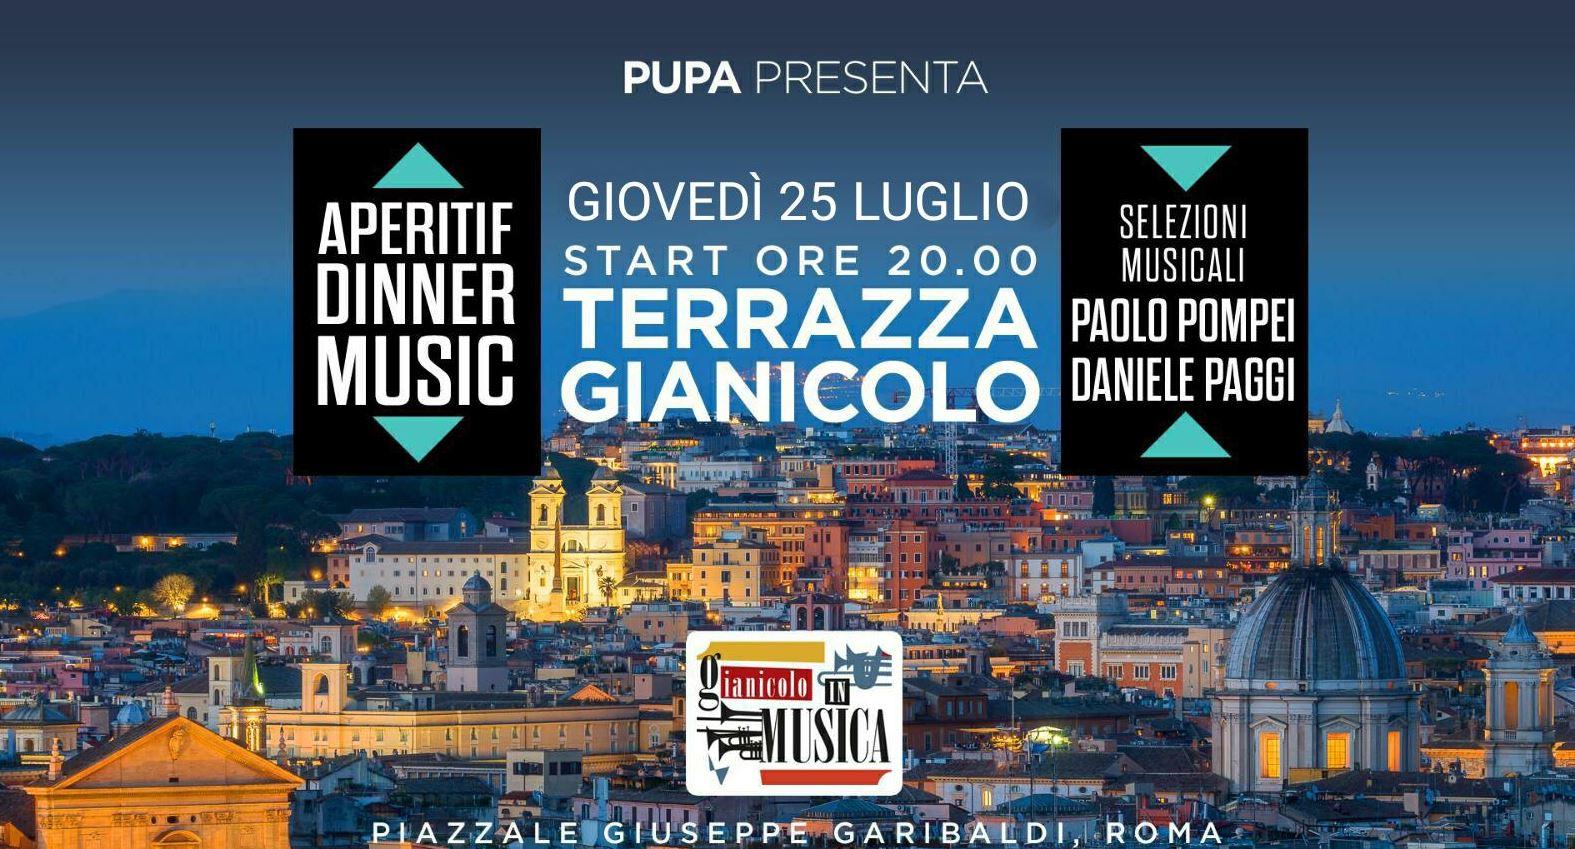 Terrazza Gianicolo giovedì 25 luglio 2019 Aperitivo e Disco PUPA 🍋